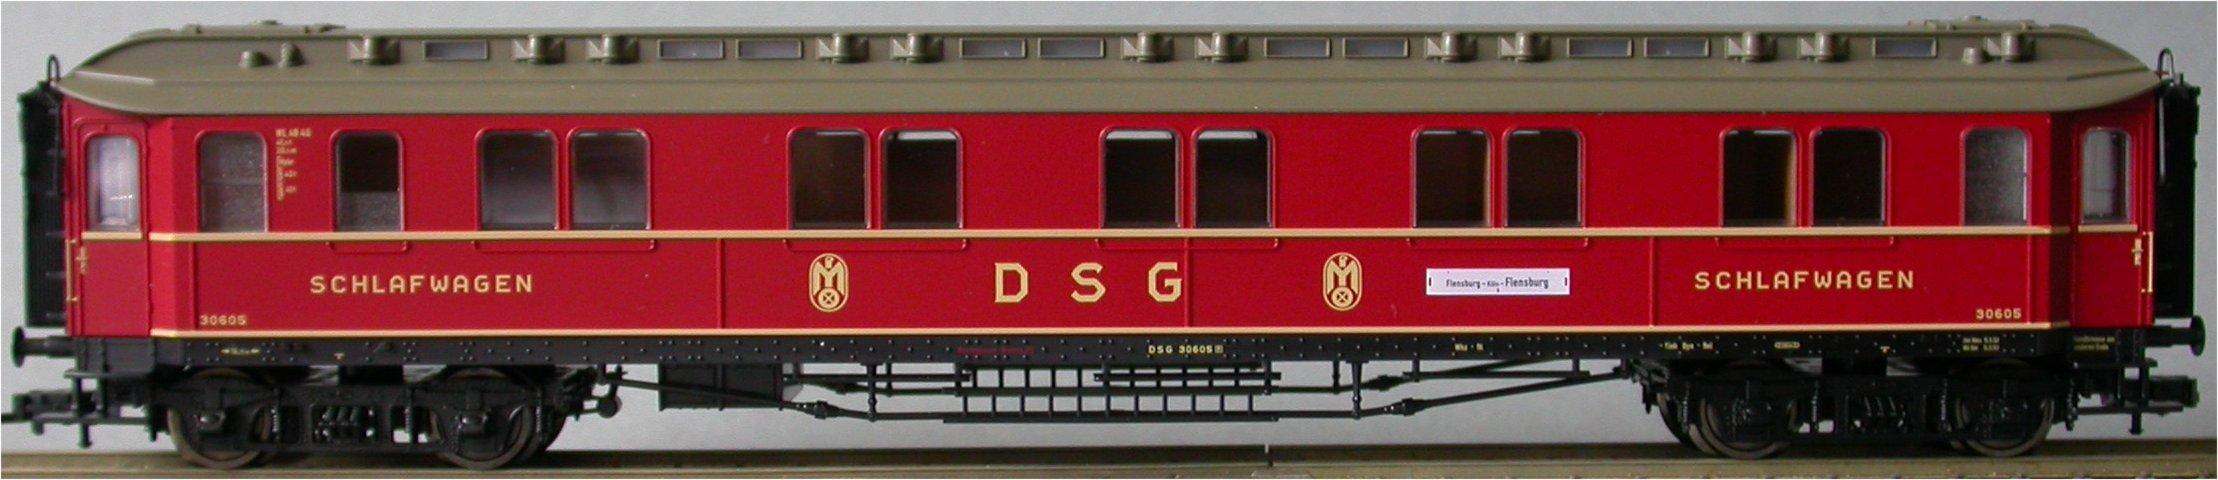 DSG WL4ü pr02 FLEISCHMANN